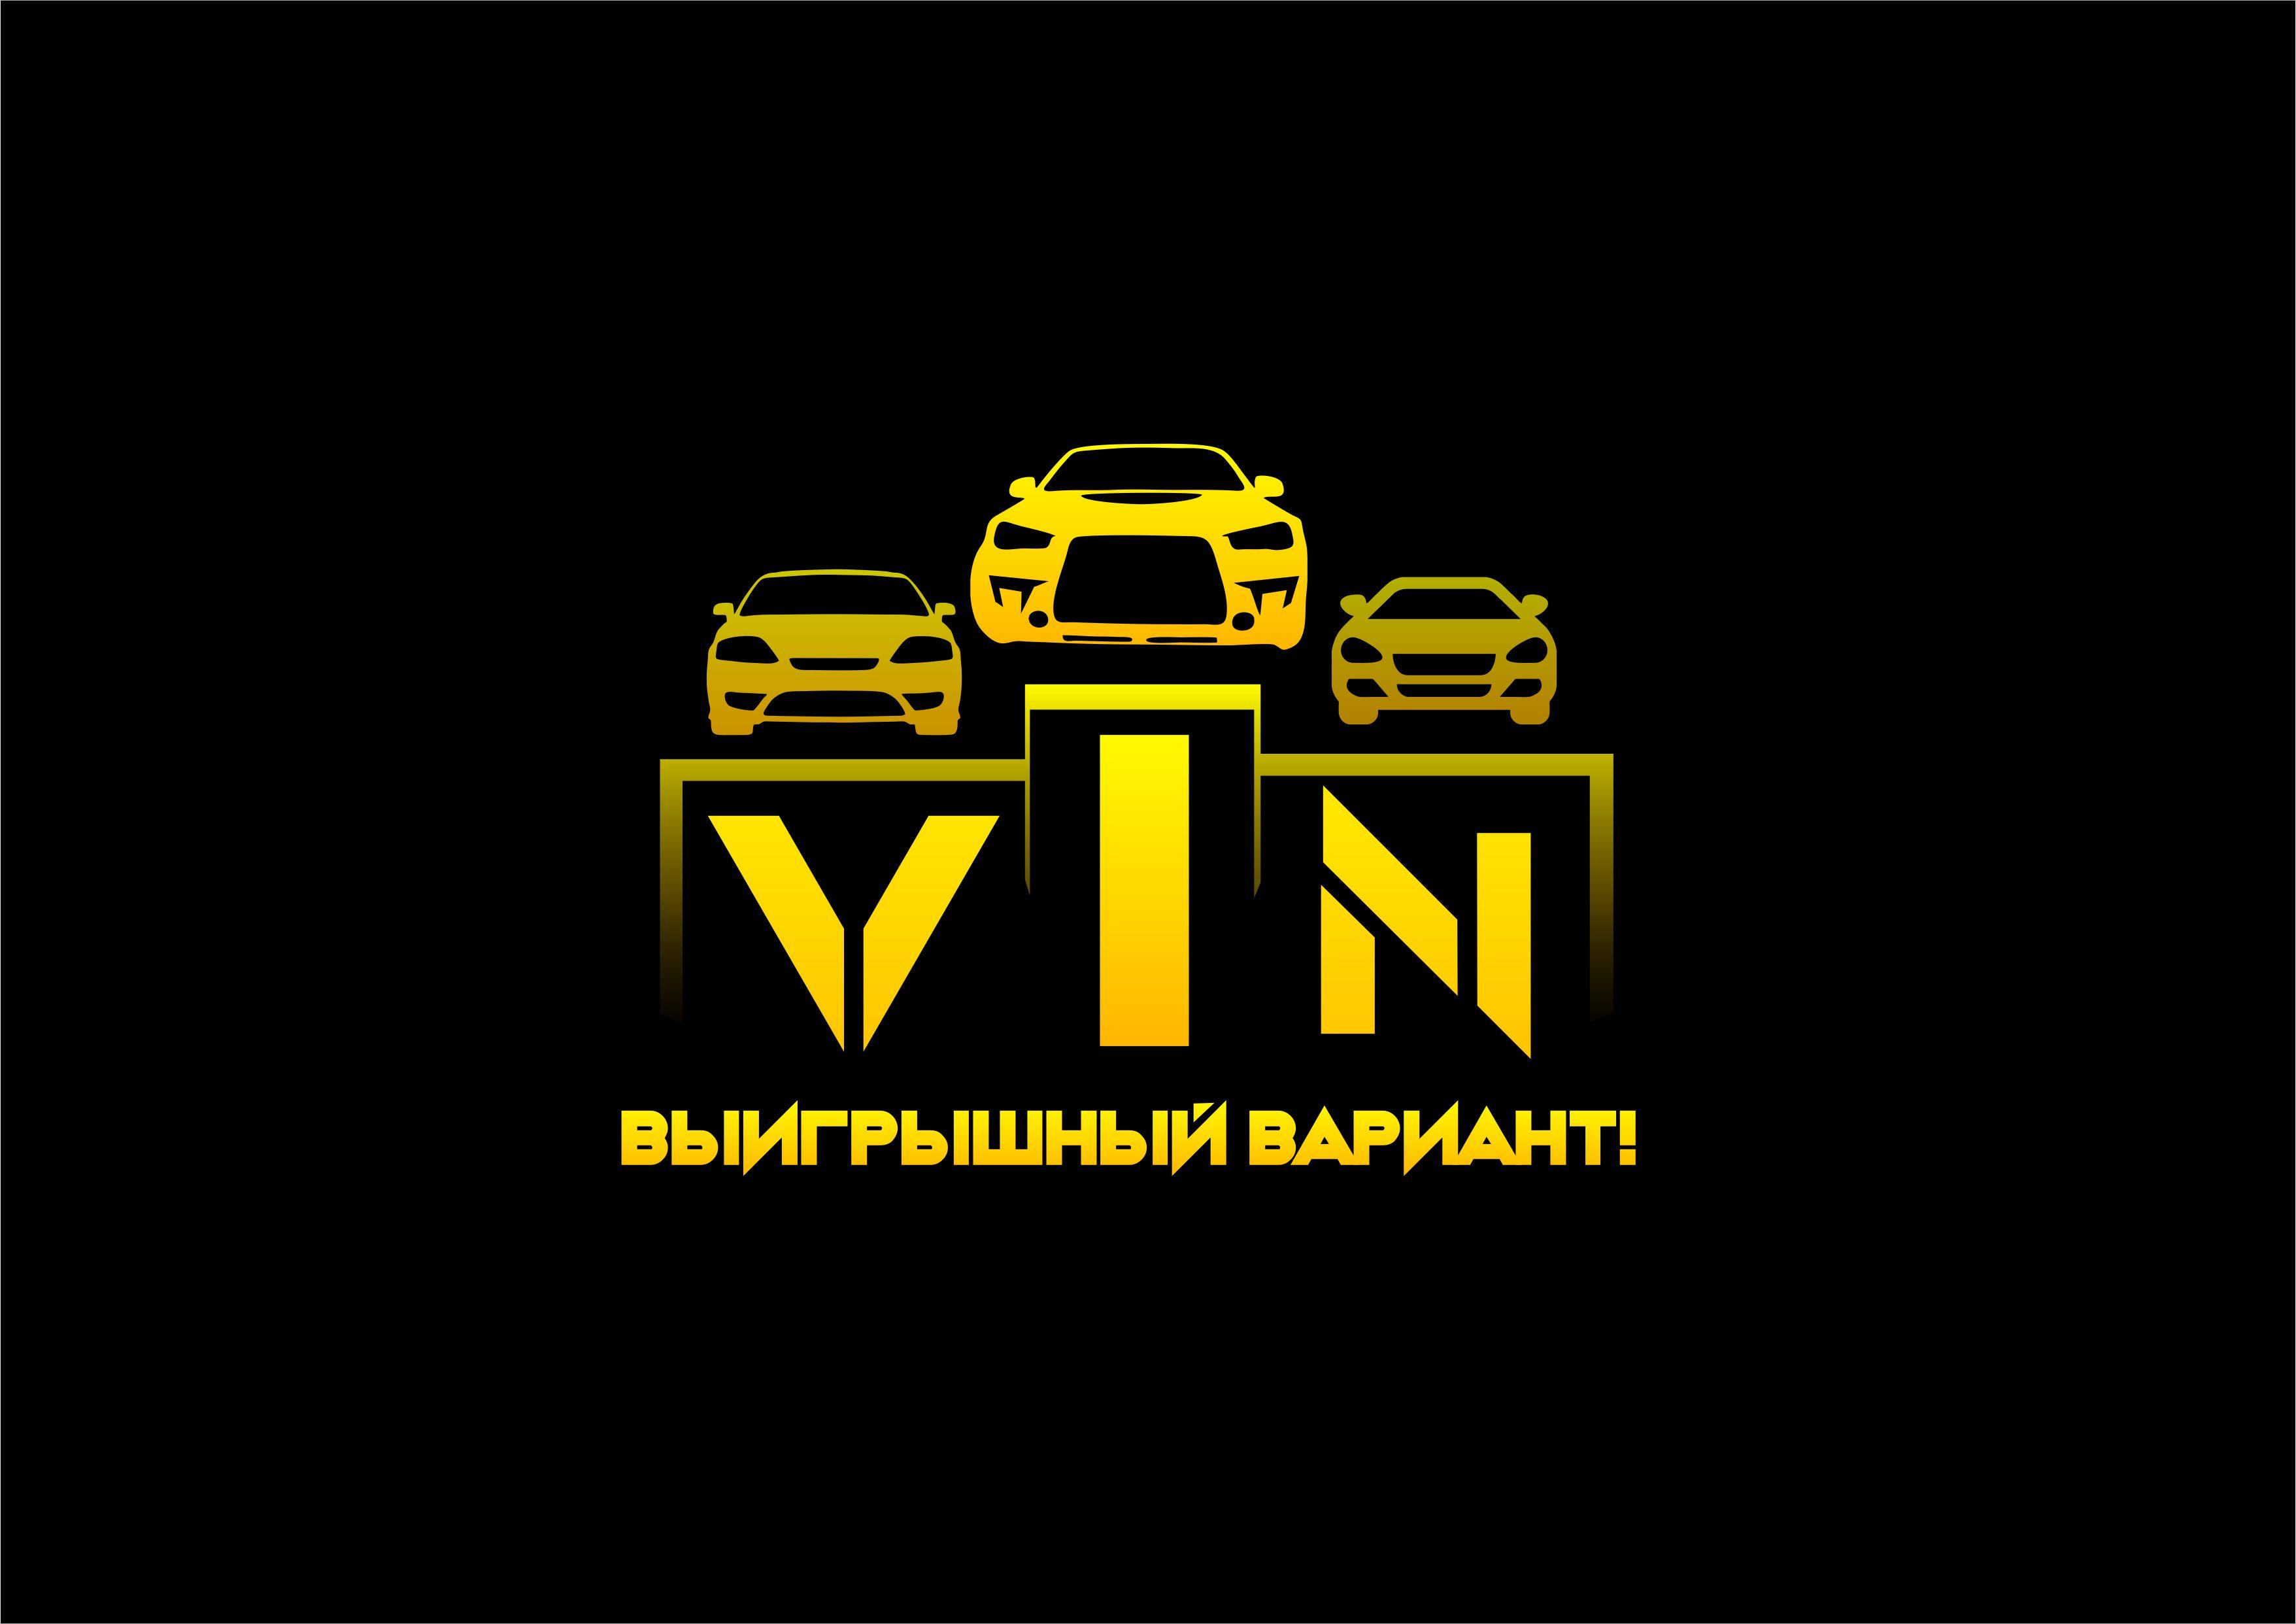 Разработка логотипа и фирменного стиля для такси фото f_2665b9ce30204a51.jpg